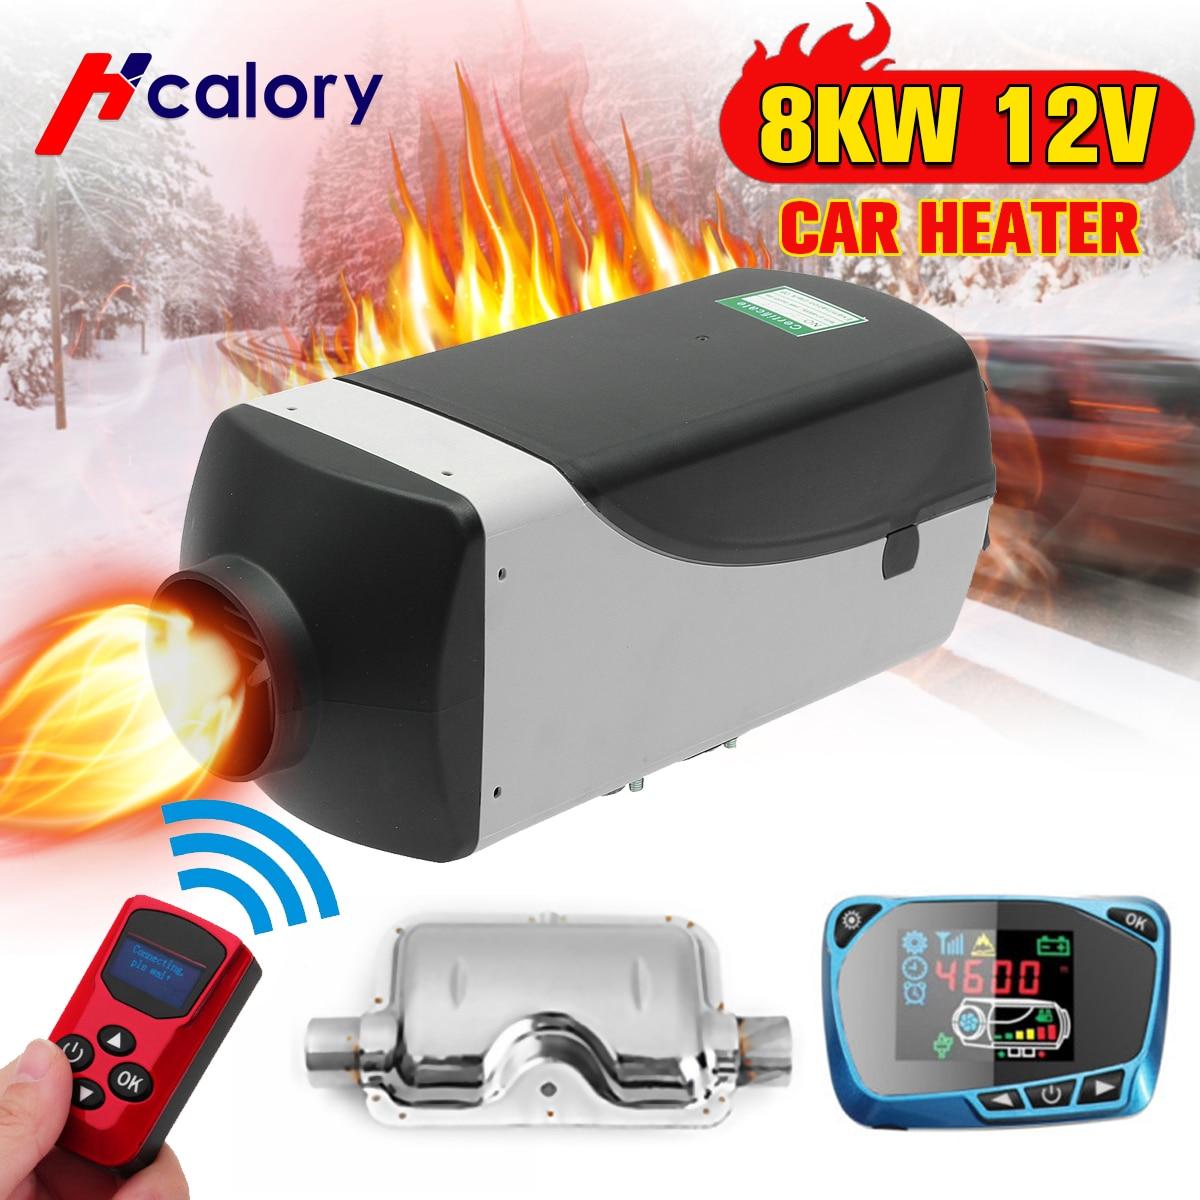 8000 W Air diesels chauffage 8KW 12 V voiture chauffage pour camions camping-cars bateaux Bus + LCD moniteur commutateur + télécommande + silencieux